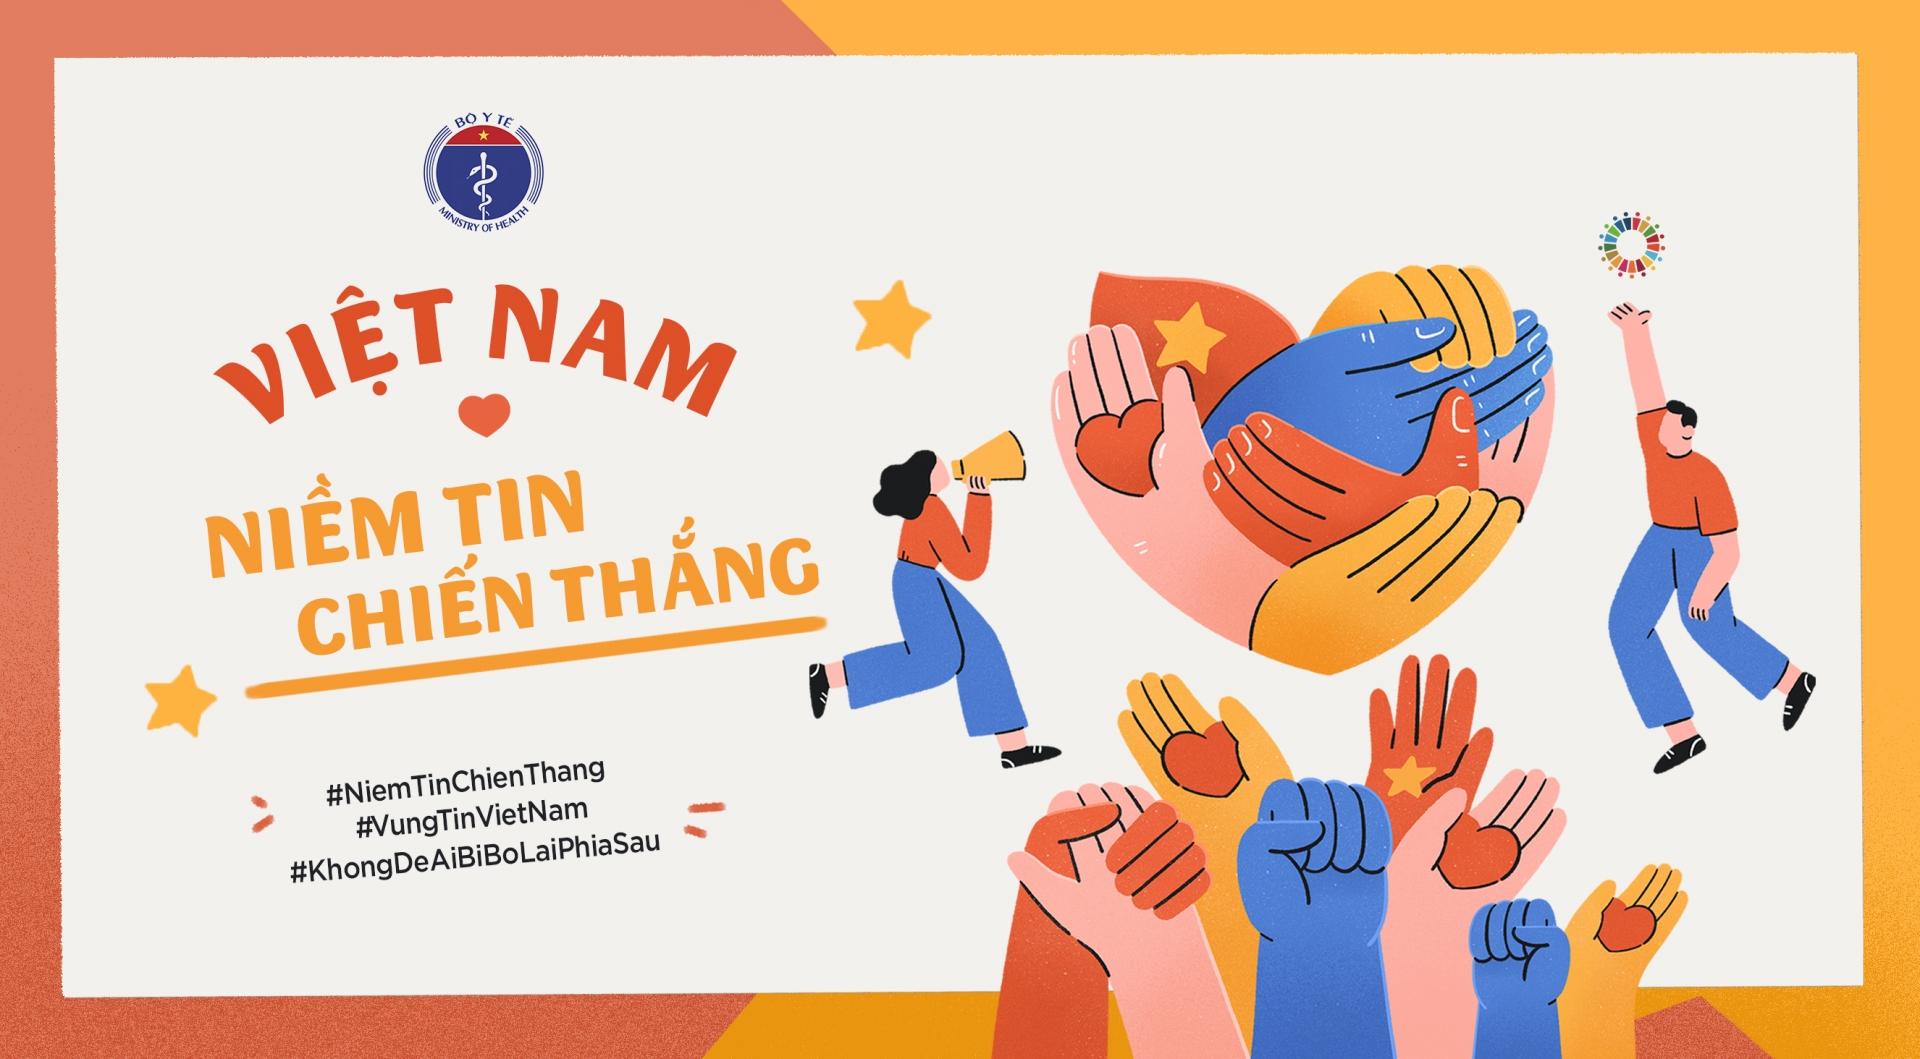 Sao Việt đồng lòng chống dịch, người góp công kẻ góp của: Việt Nam ơi nhanh khỏe nhé! 1